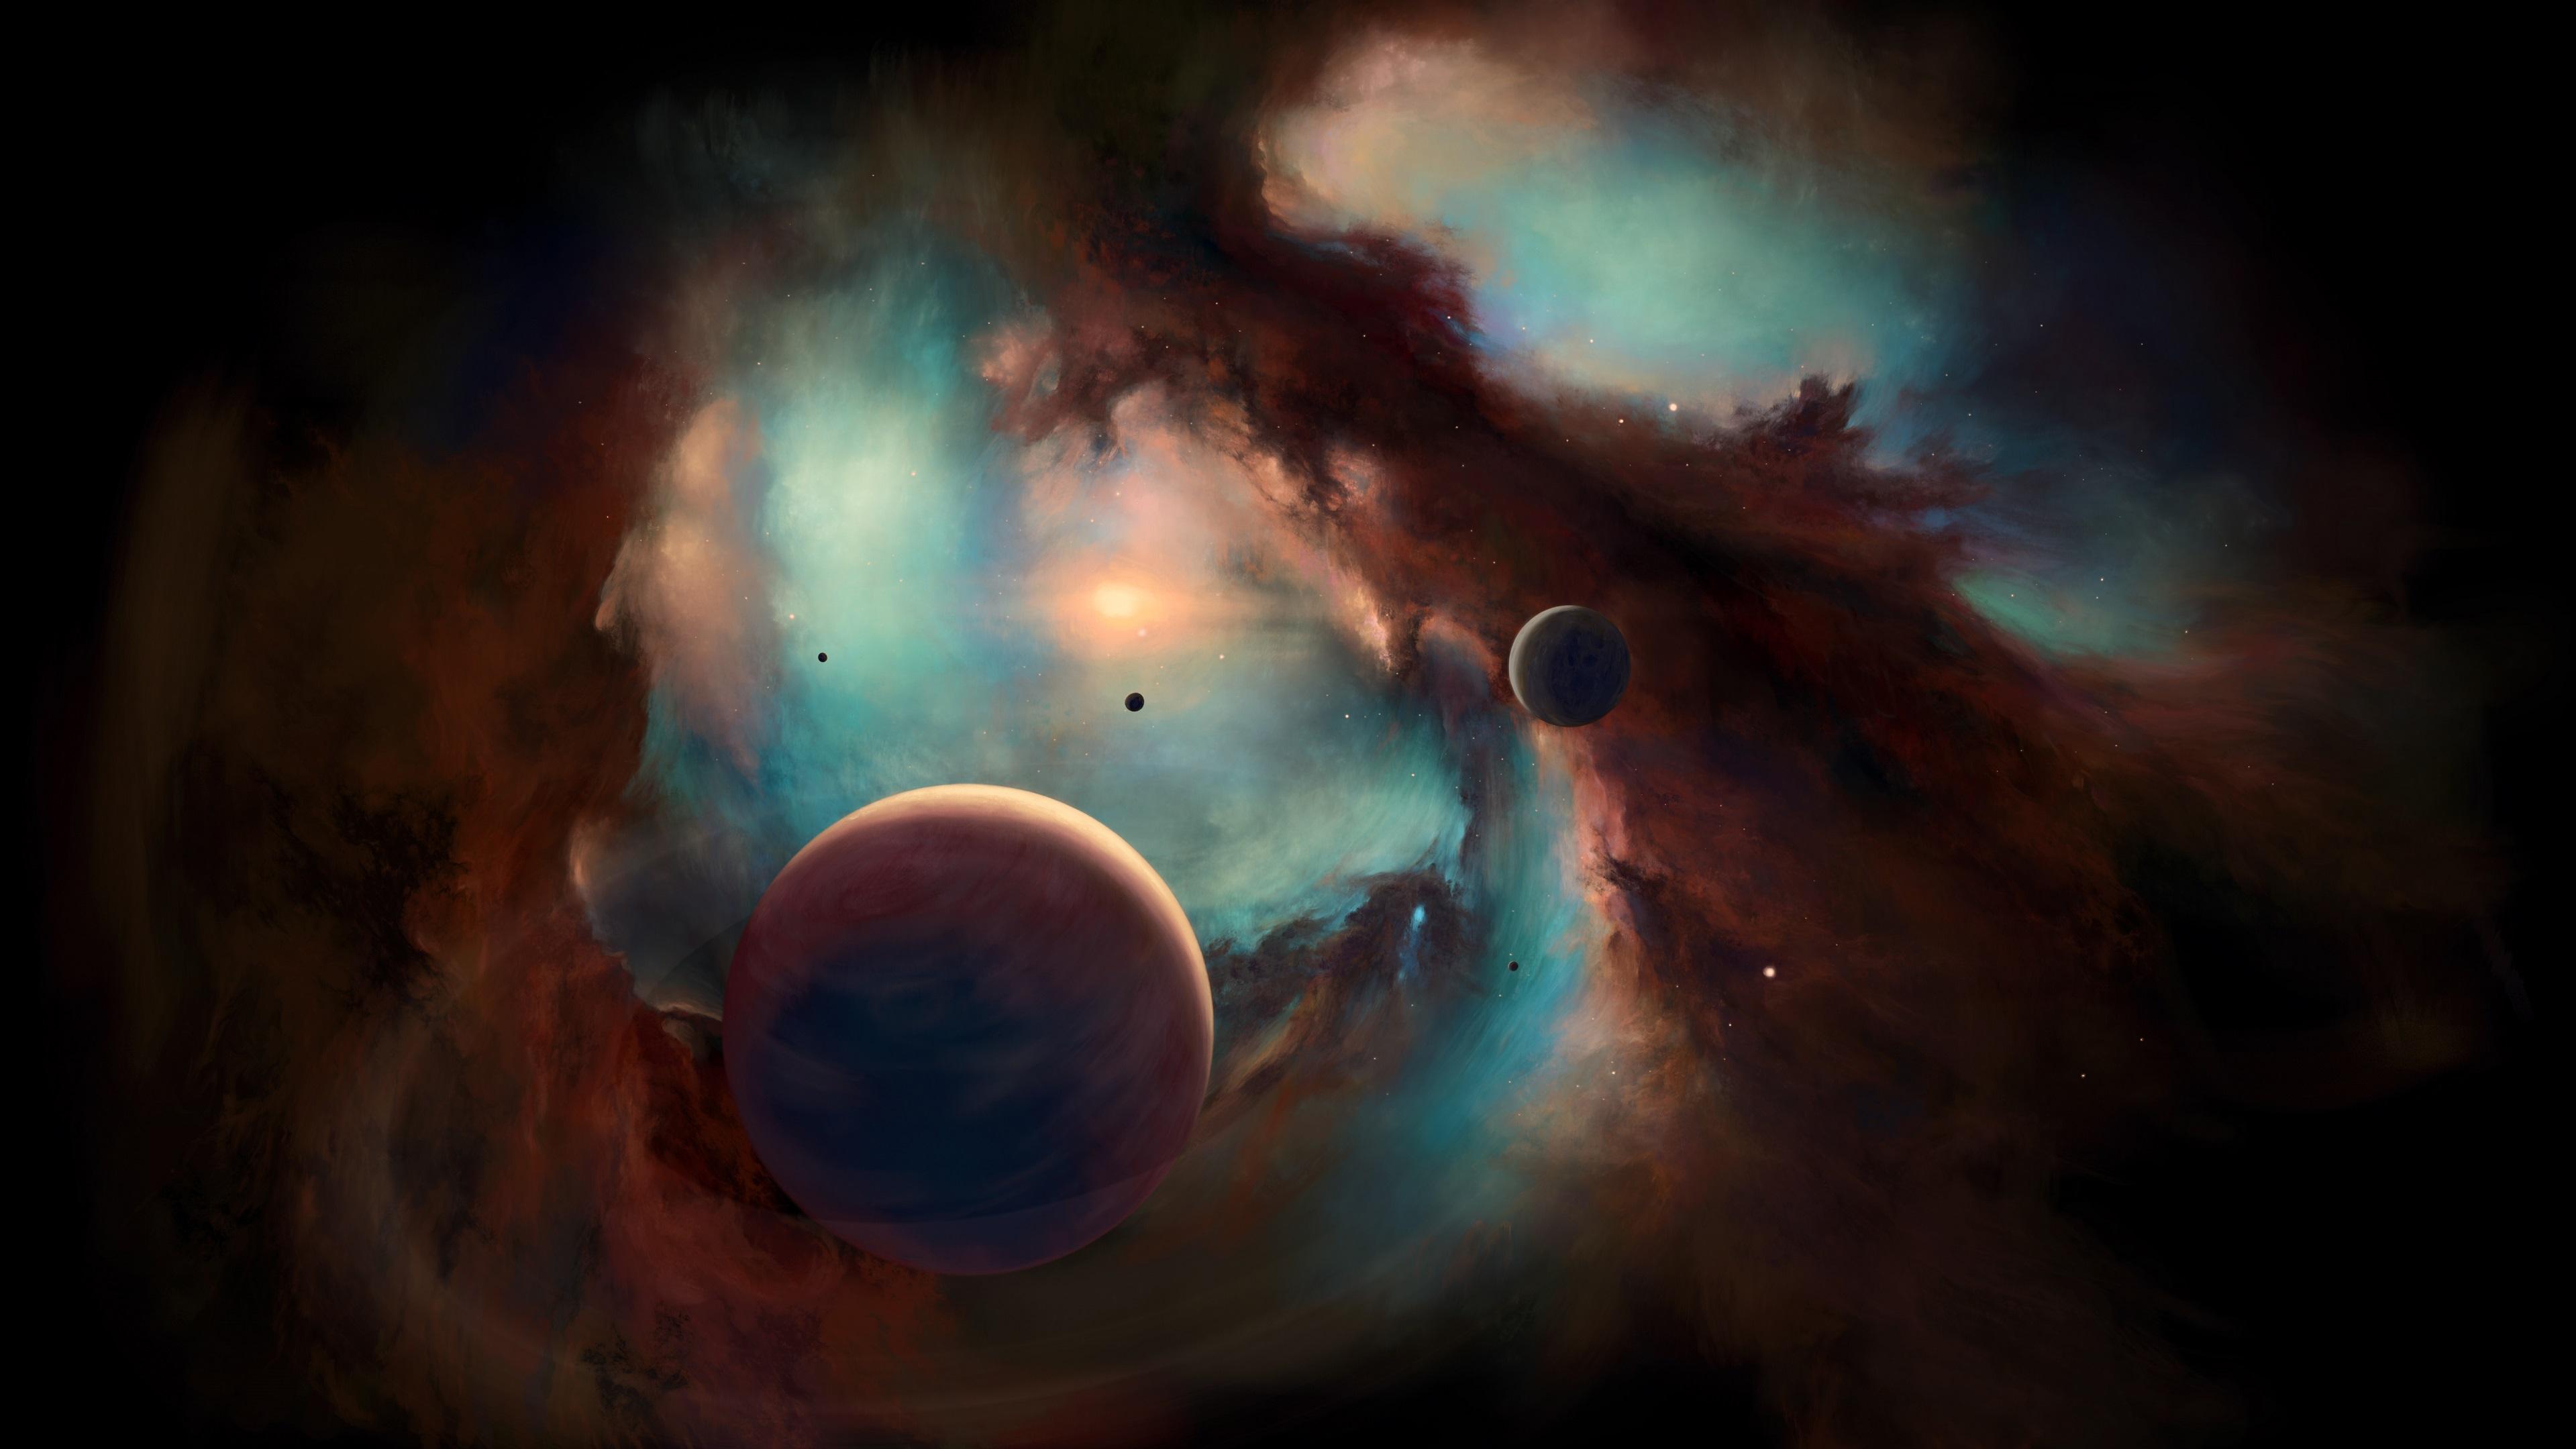 Stars Nebula Planet Universe Moon Space Smoke Horizon Galaxy Andromeda Helix Nebula Milky Way 3839x2160